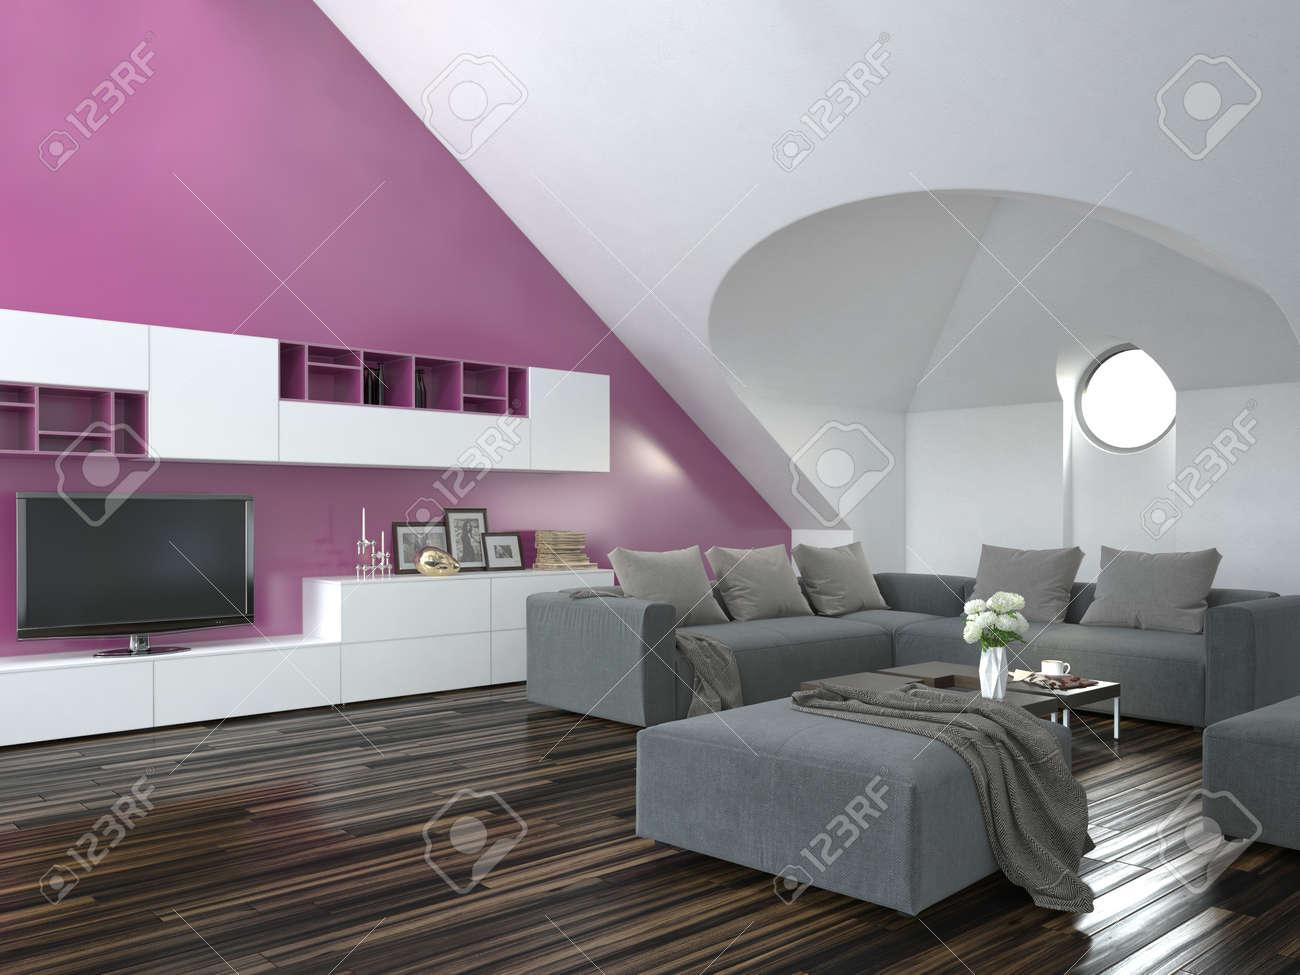 Moderne Loft-Wohnzimmer-Interieur Mit Einer Schrägen Decke Und ...